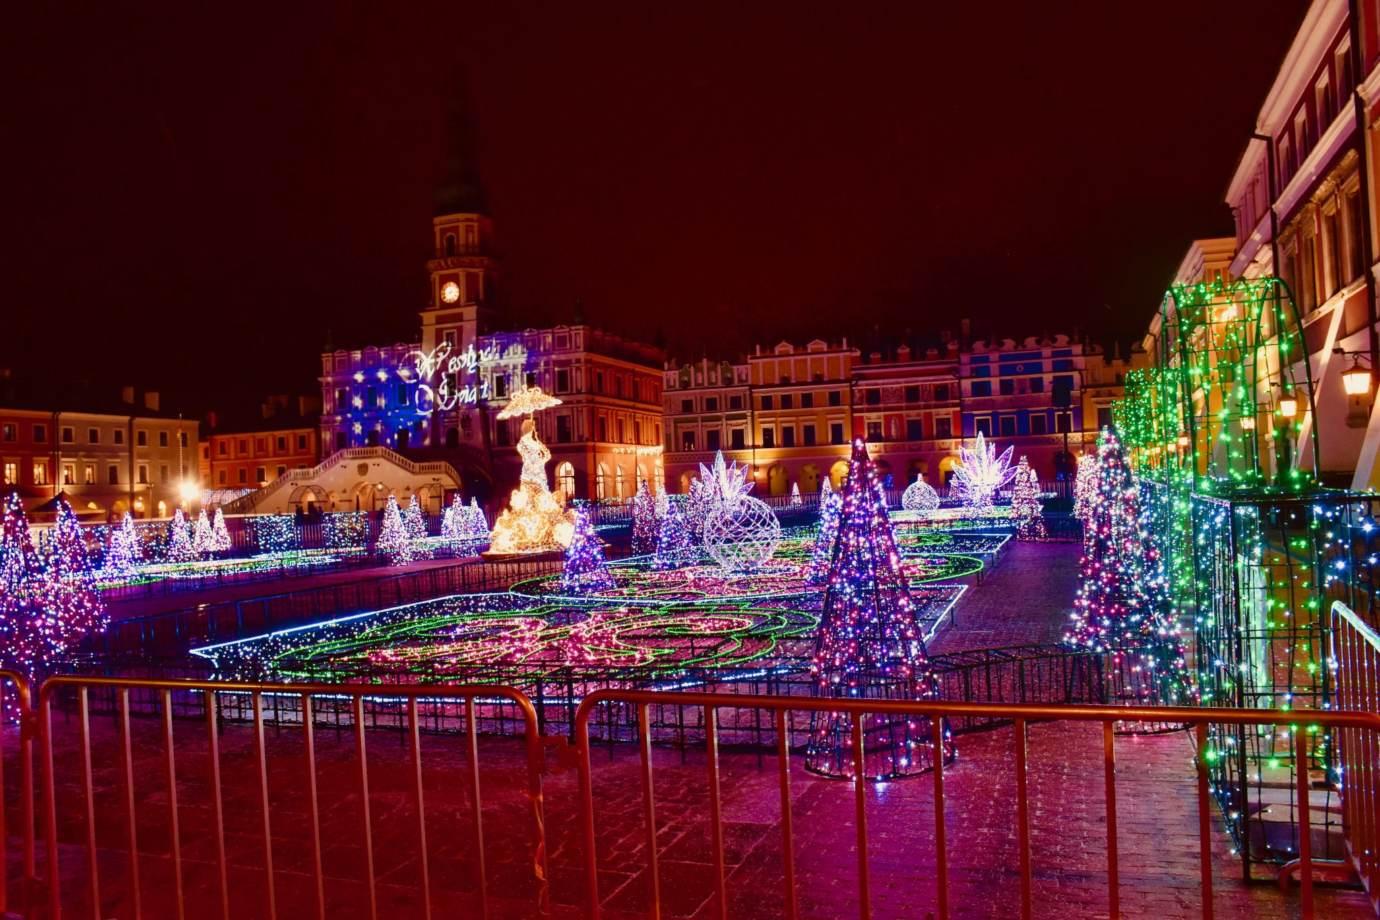 dsc 3987 Świetlny labirynt w sercu miasta. Zamość uroczyście odpali świąteczne iluminacje